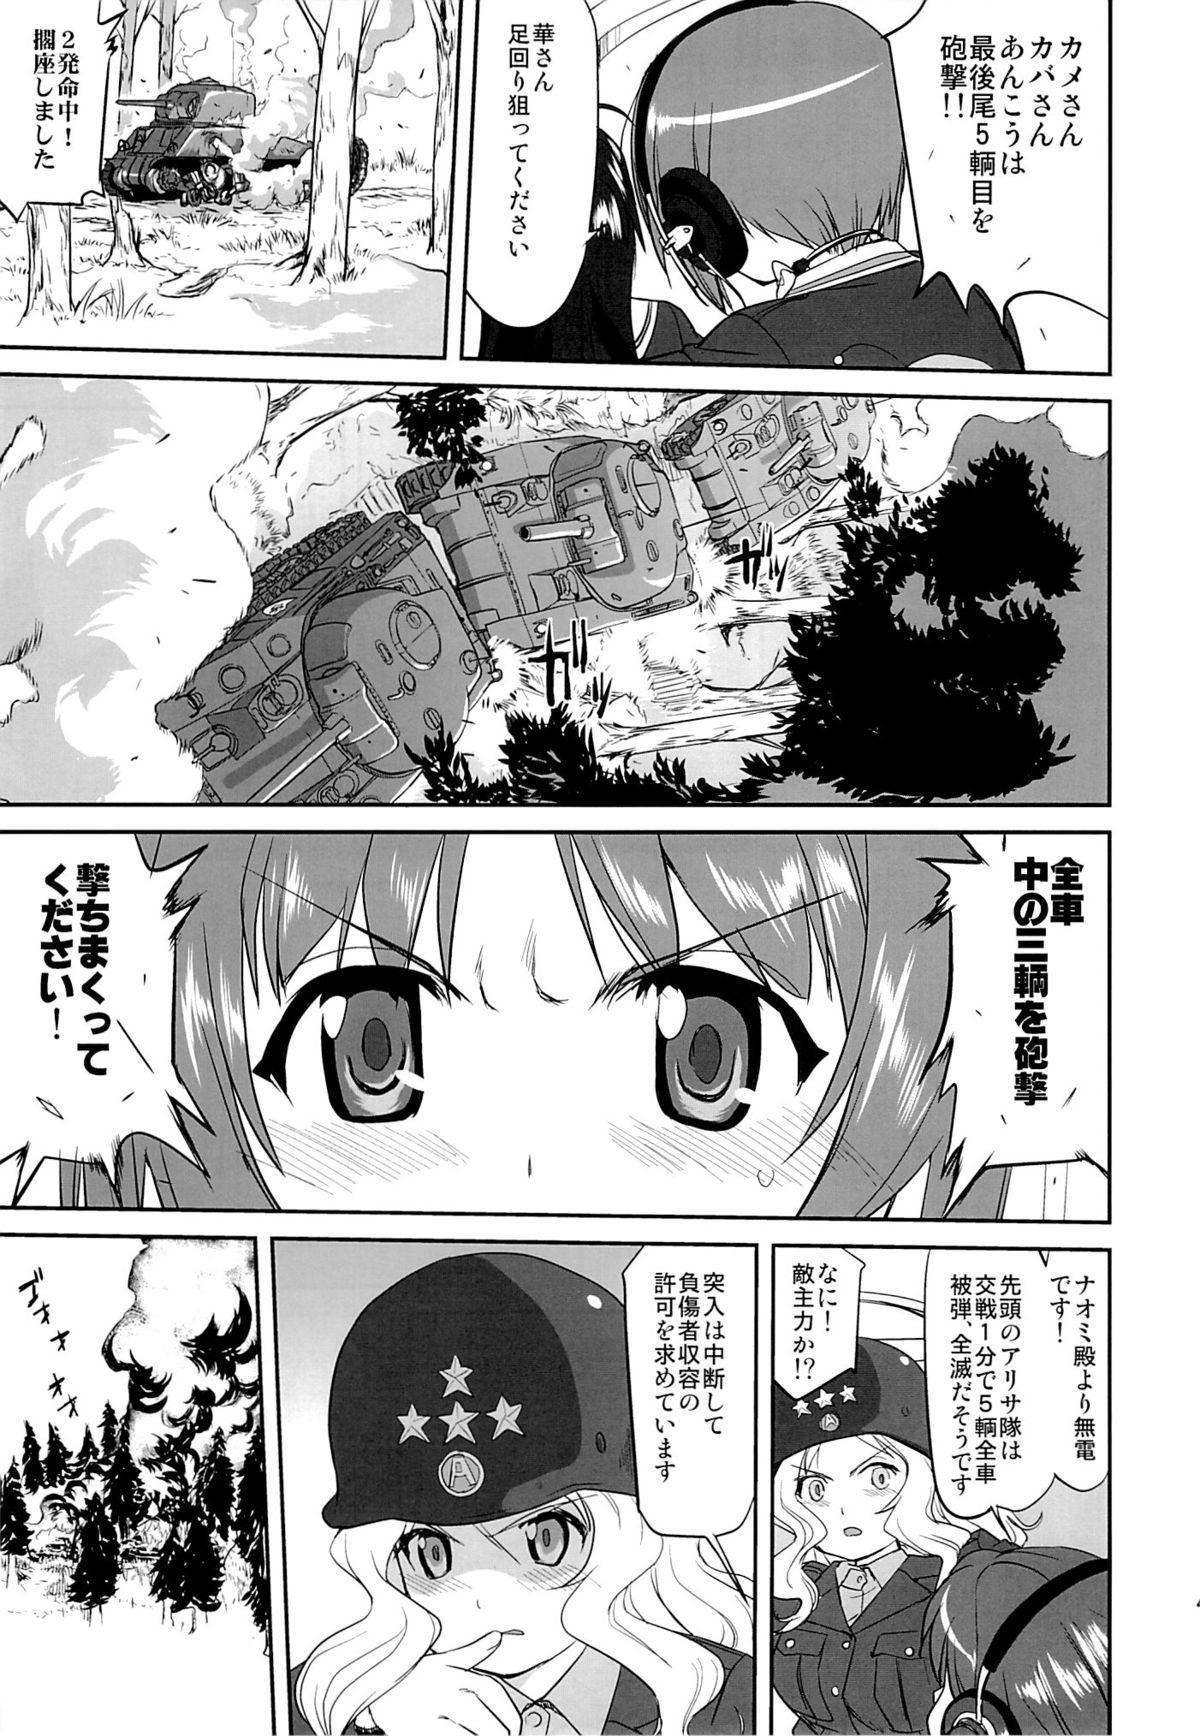 Yukiyukite Senshadou 37